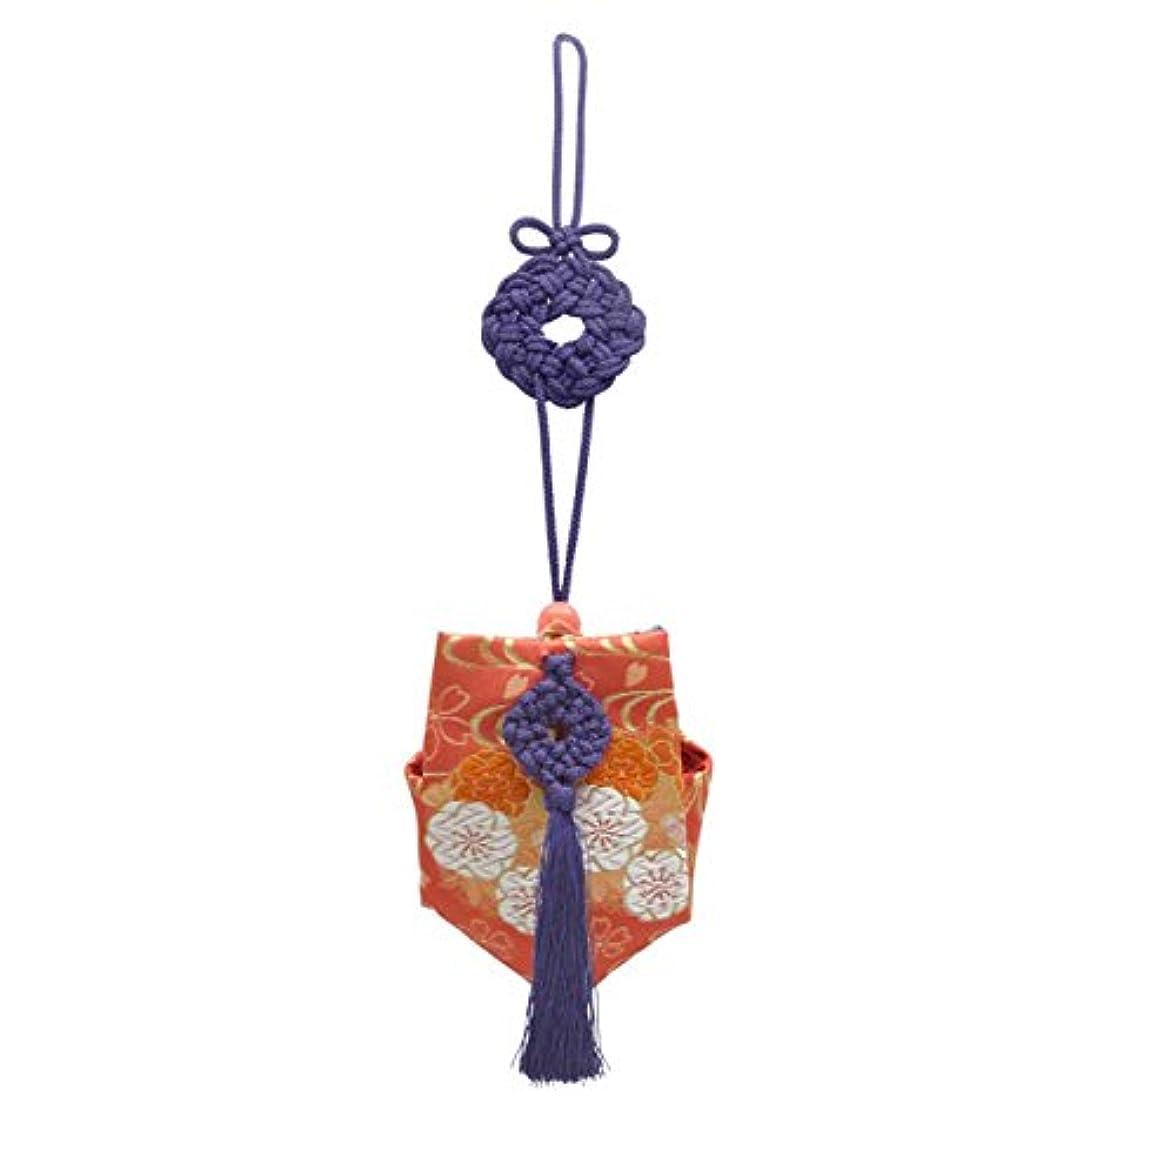 承知しました制限大混乱訶梨勒 上品 紙箱入 紫紐/花紋